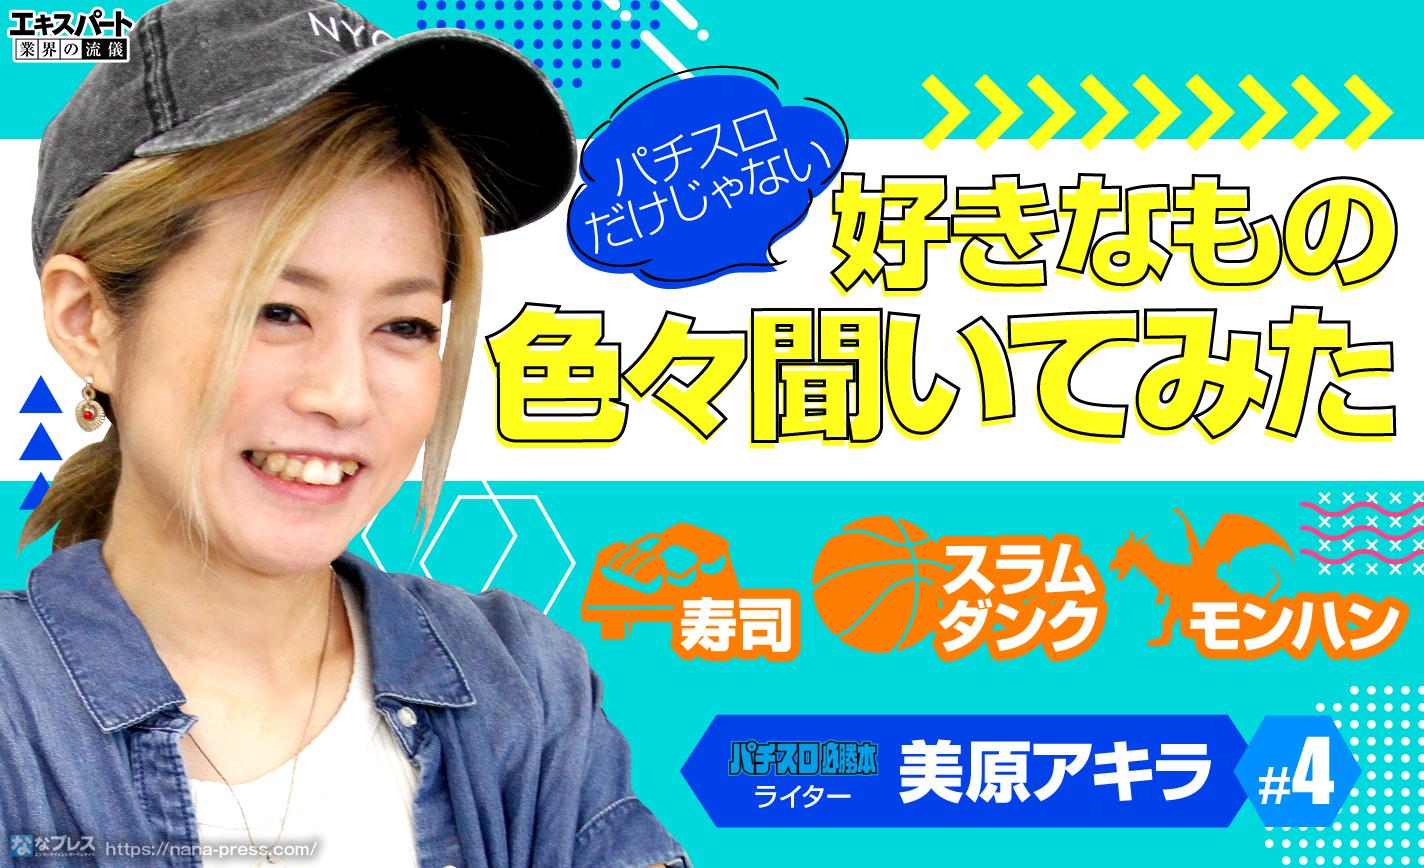 美原アキラに好きなものを聞いてみたらモンハンも寿司も「ガチ」の人でした eyecatch-image